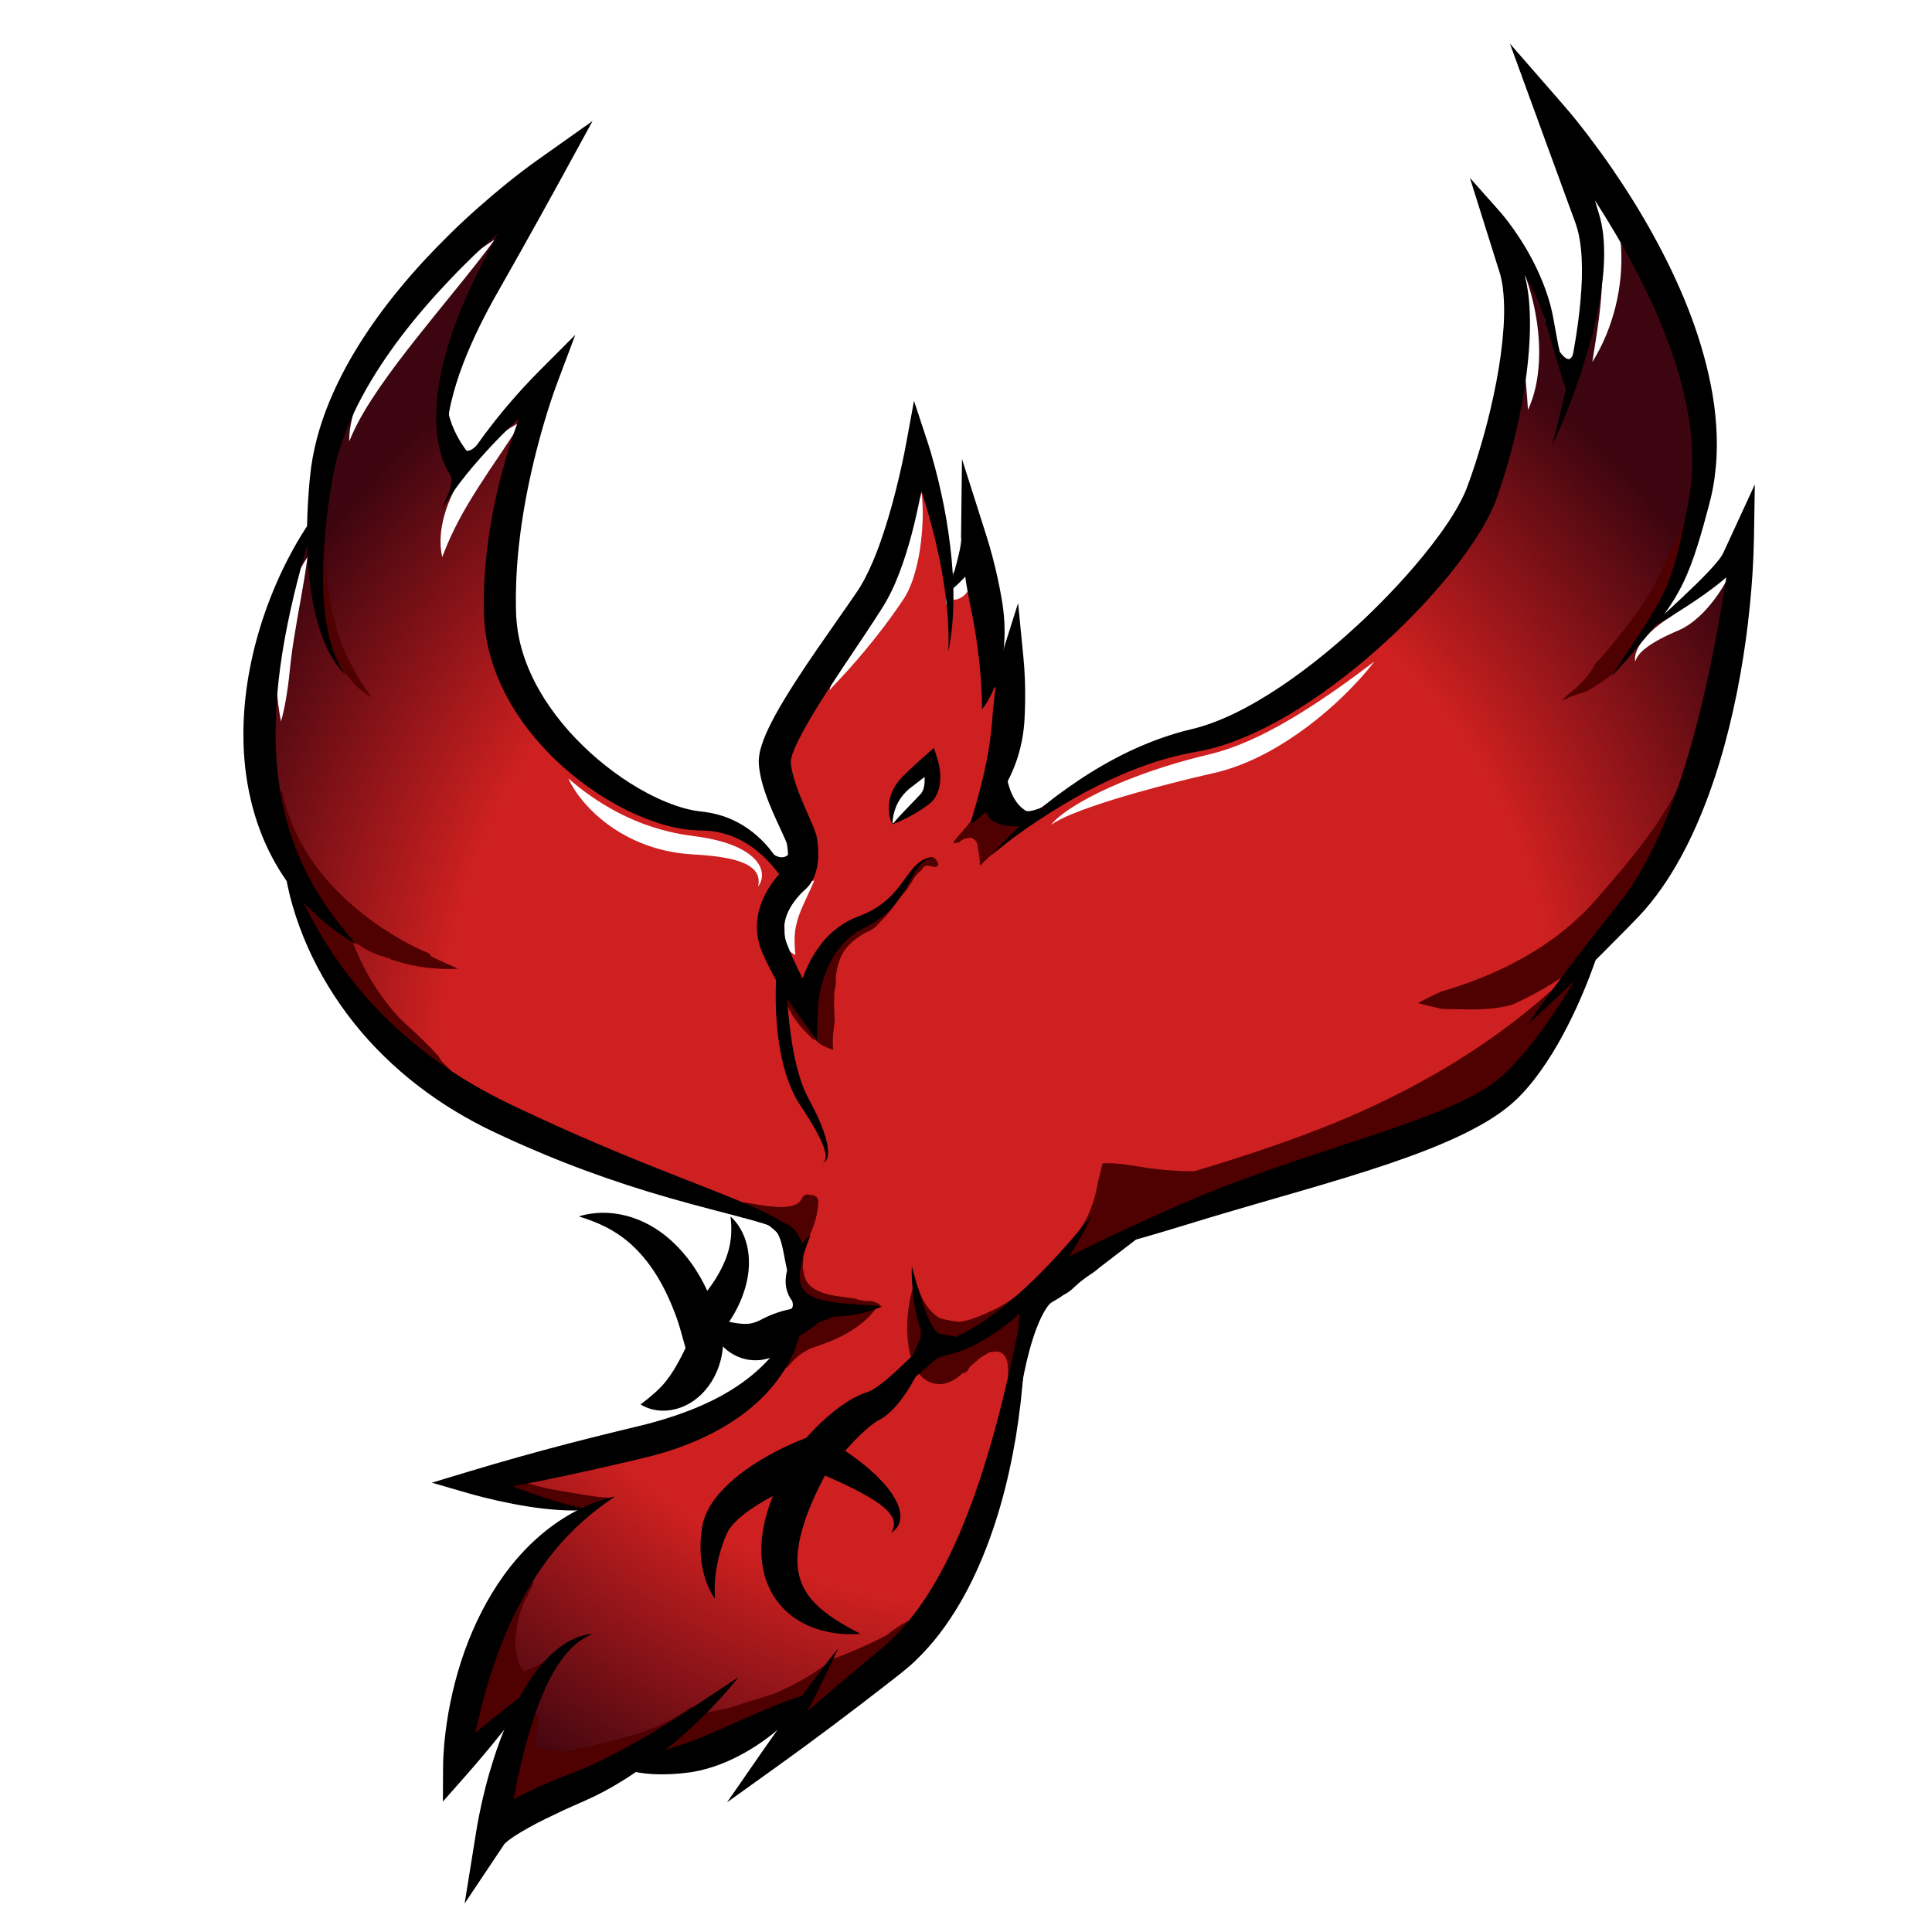 Phoenix clipart arabian. Cs go team esports